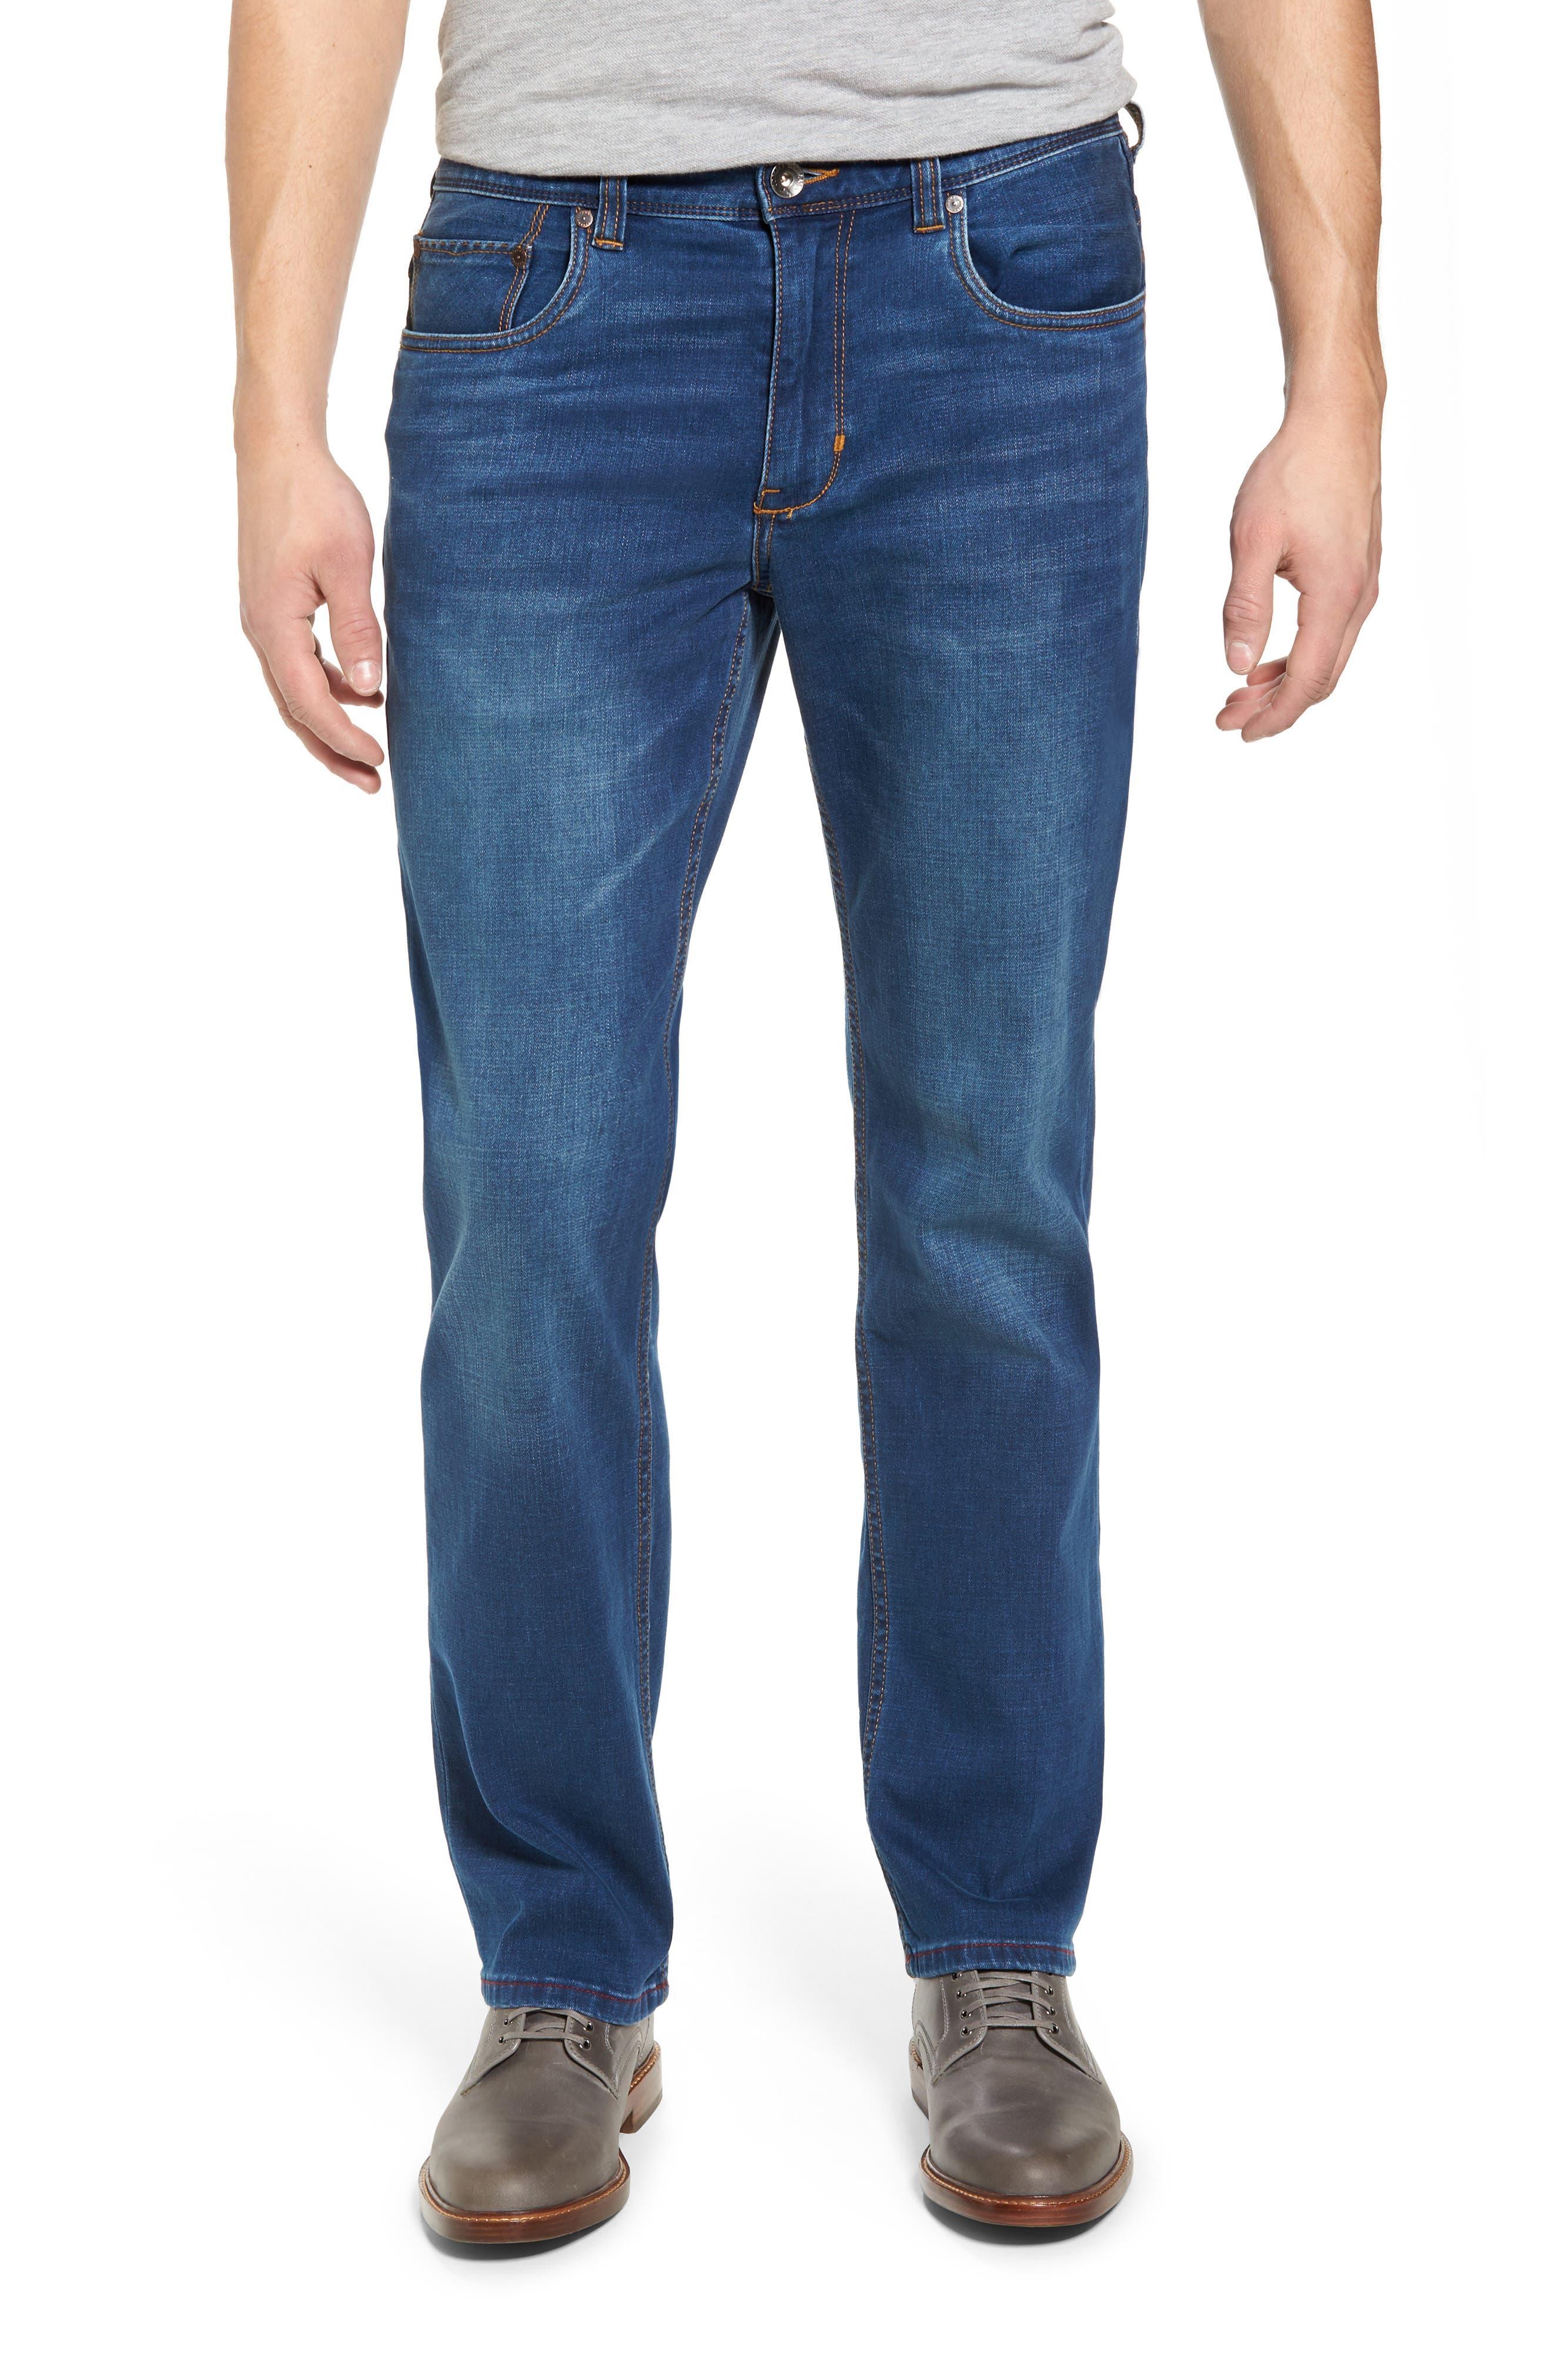 Caicos Authentic Fit Jeans,                             Main thumbnail 1, color,                             Medium Indigo